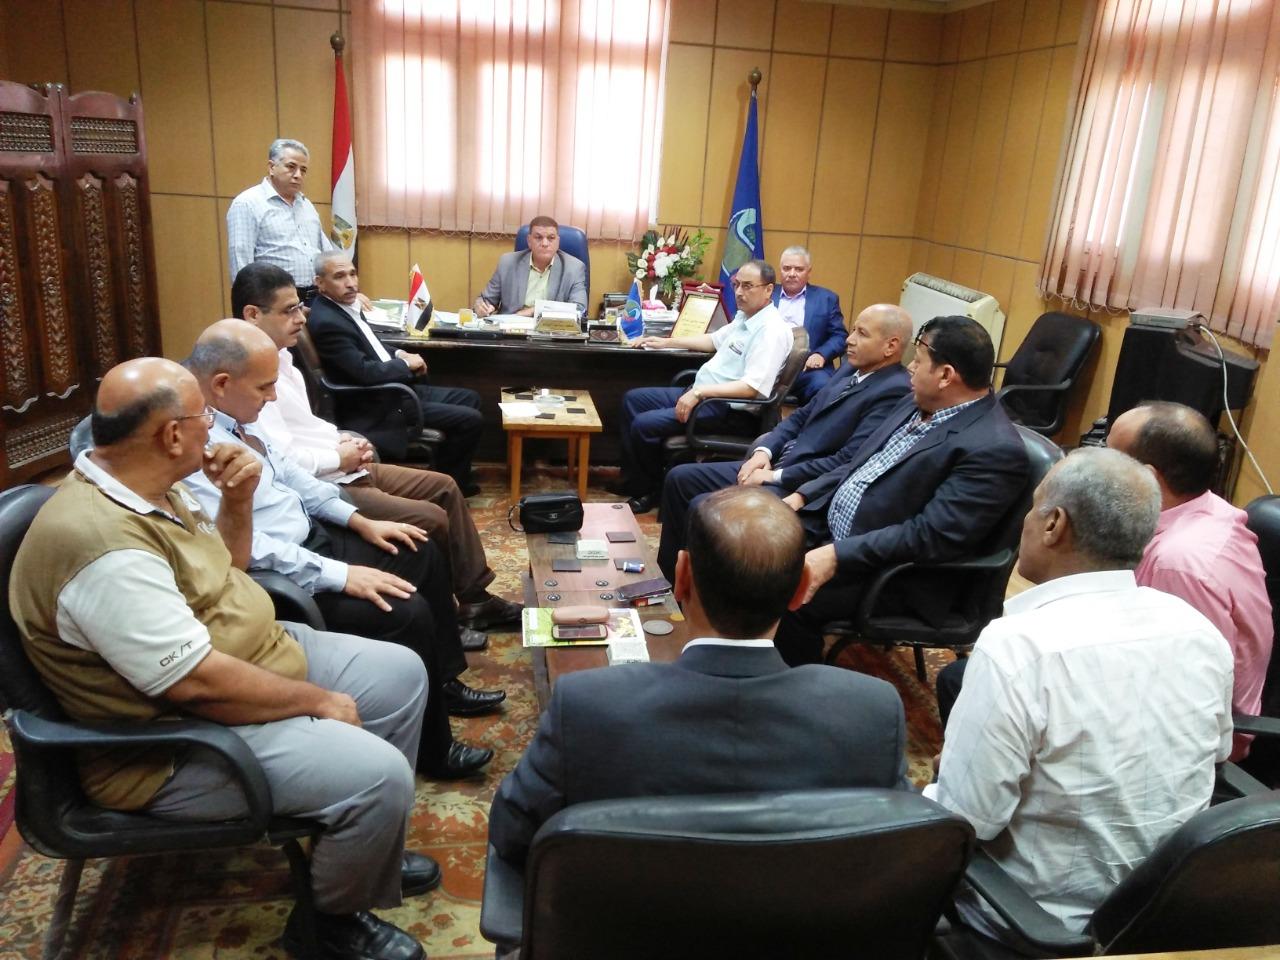 7 مهندسين زراعيين يتنافسون على منصب مدير إدارة حماية الاراضى بمديرية الزراعة بالبحيرة